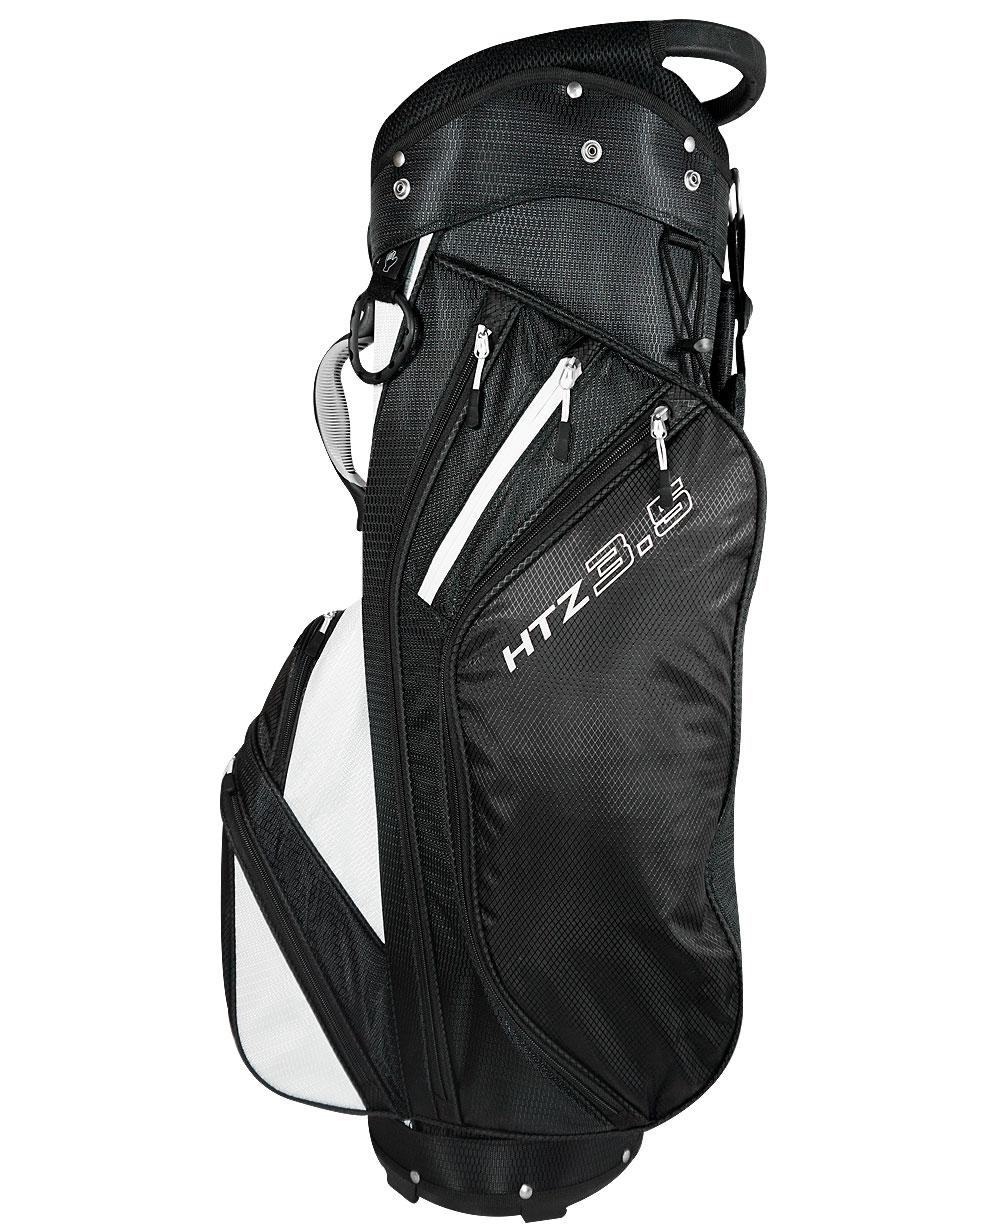 Hot-Z Golf 2017 3.5 Cart Bag